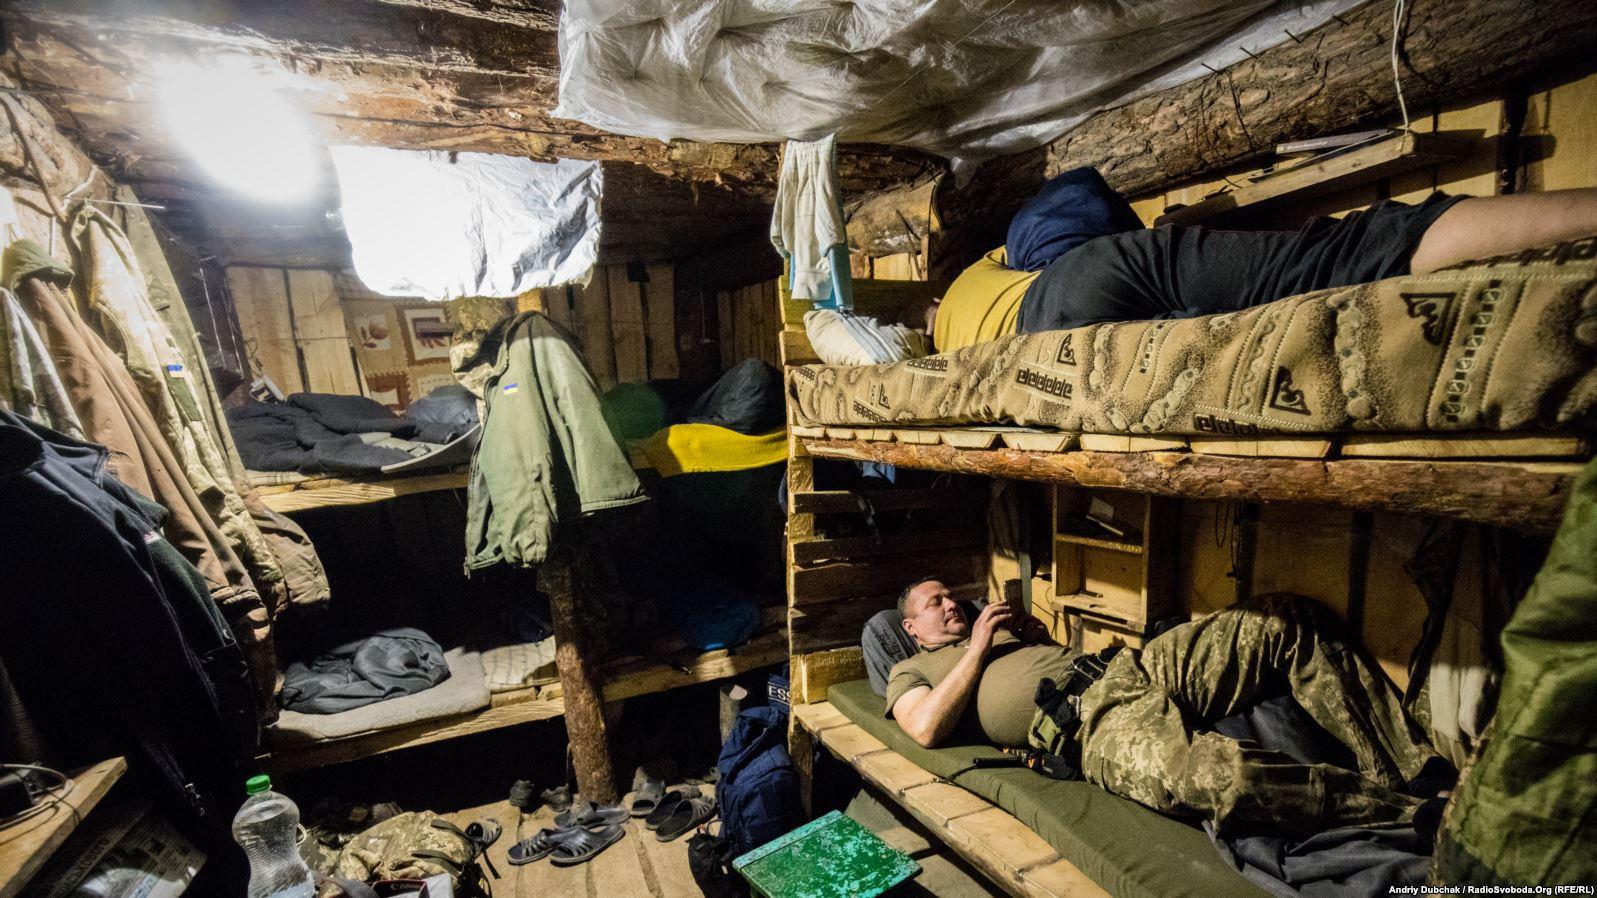 «Спальна землянка» на 10 ліжкомісць. Тут бійці перепочивають у перерві між бойовими чергуваннями